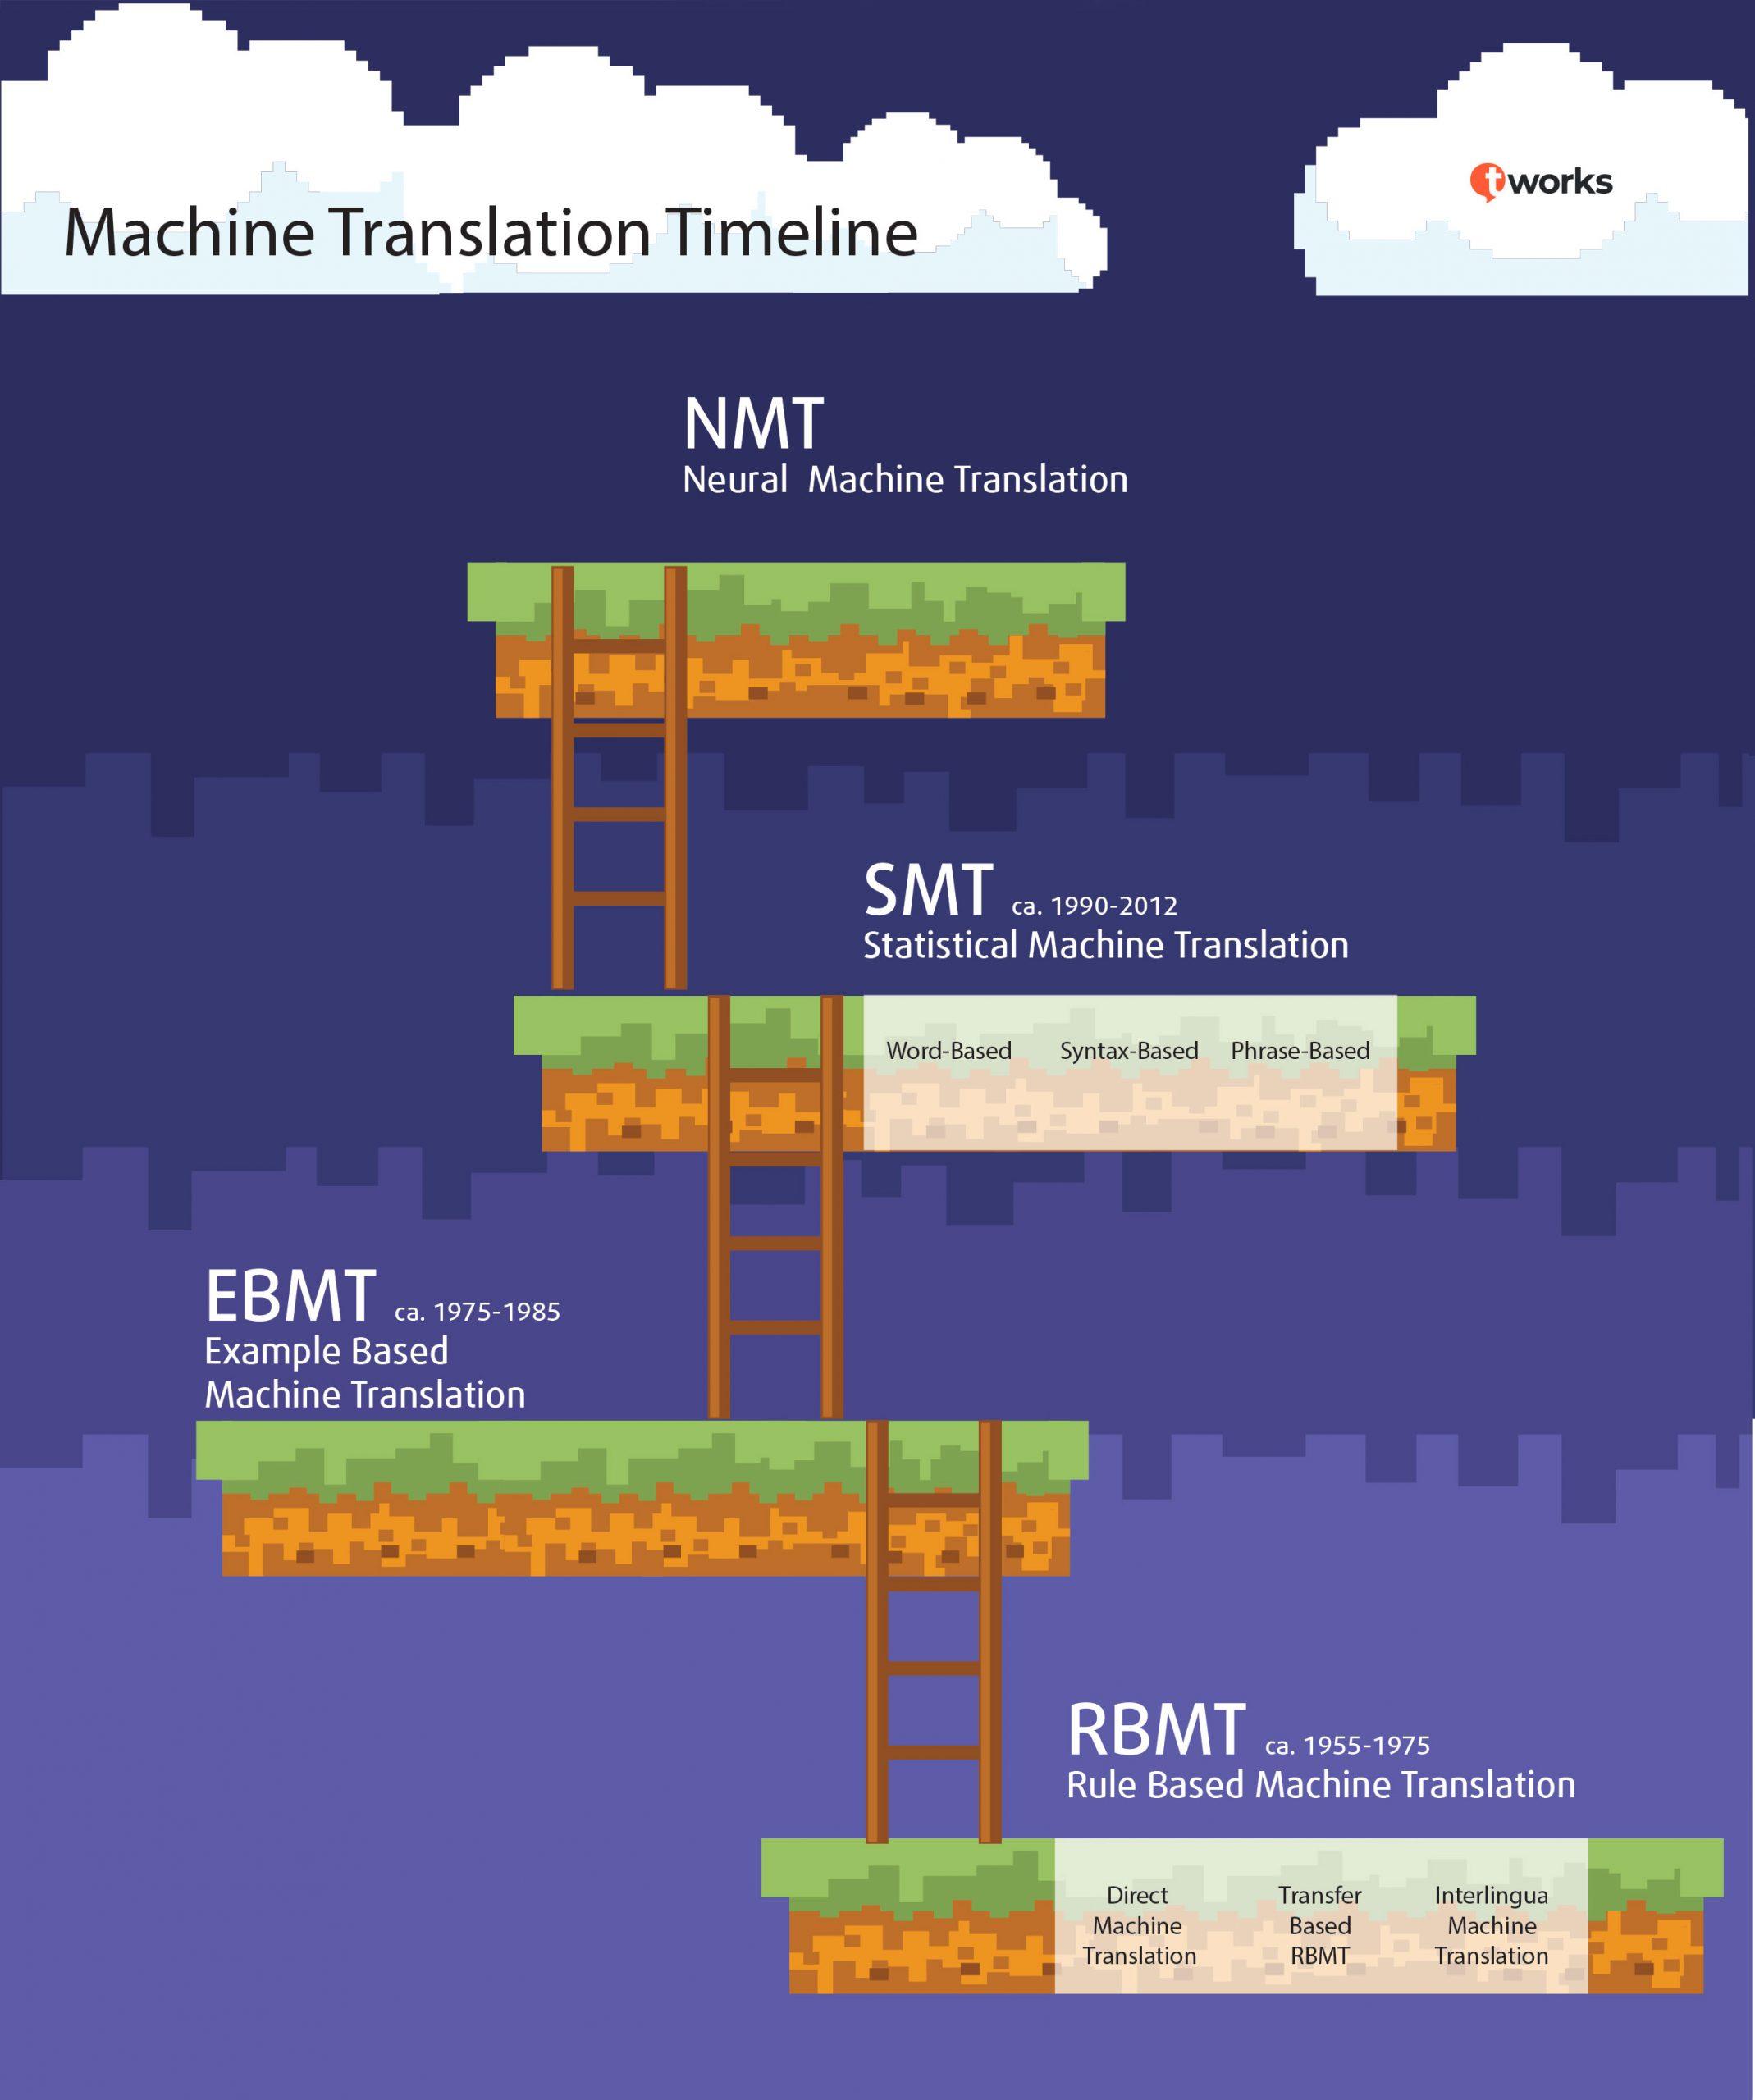 Machine Translation Timeline by t'works